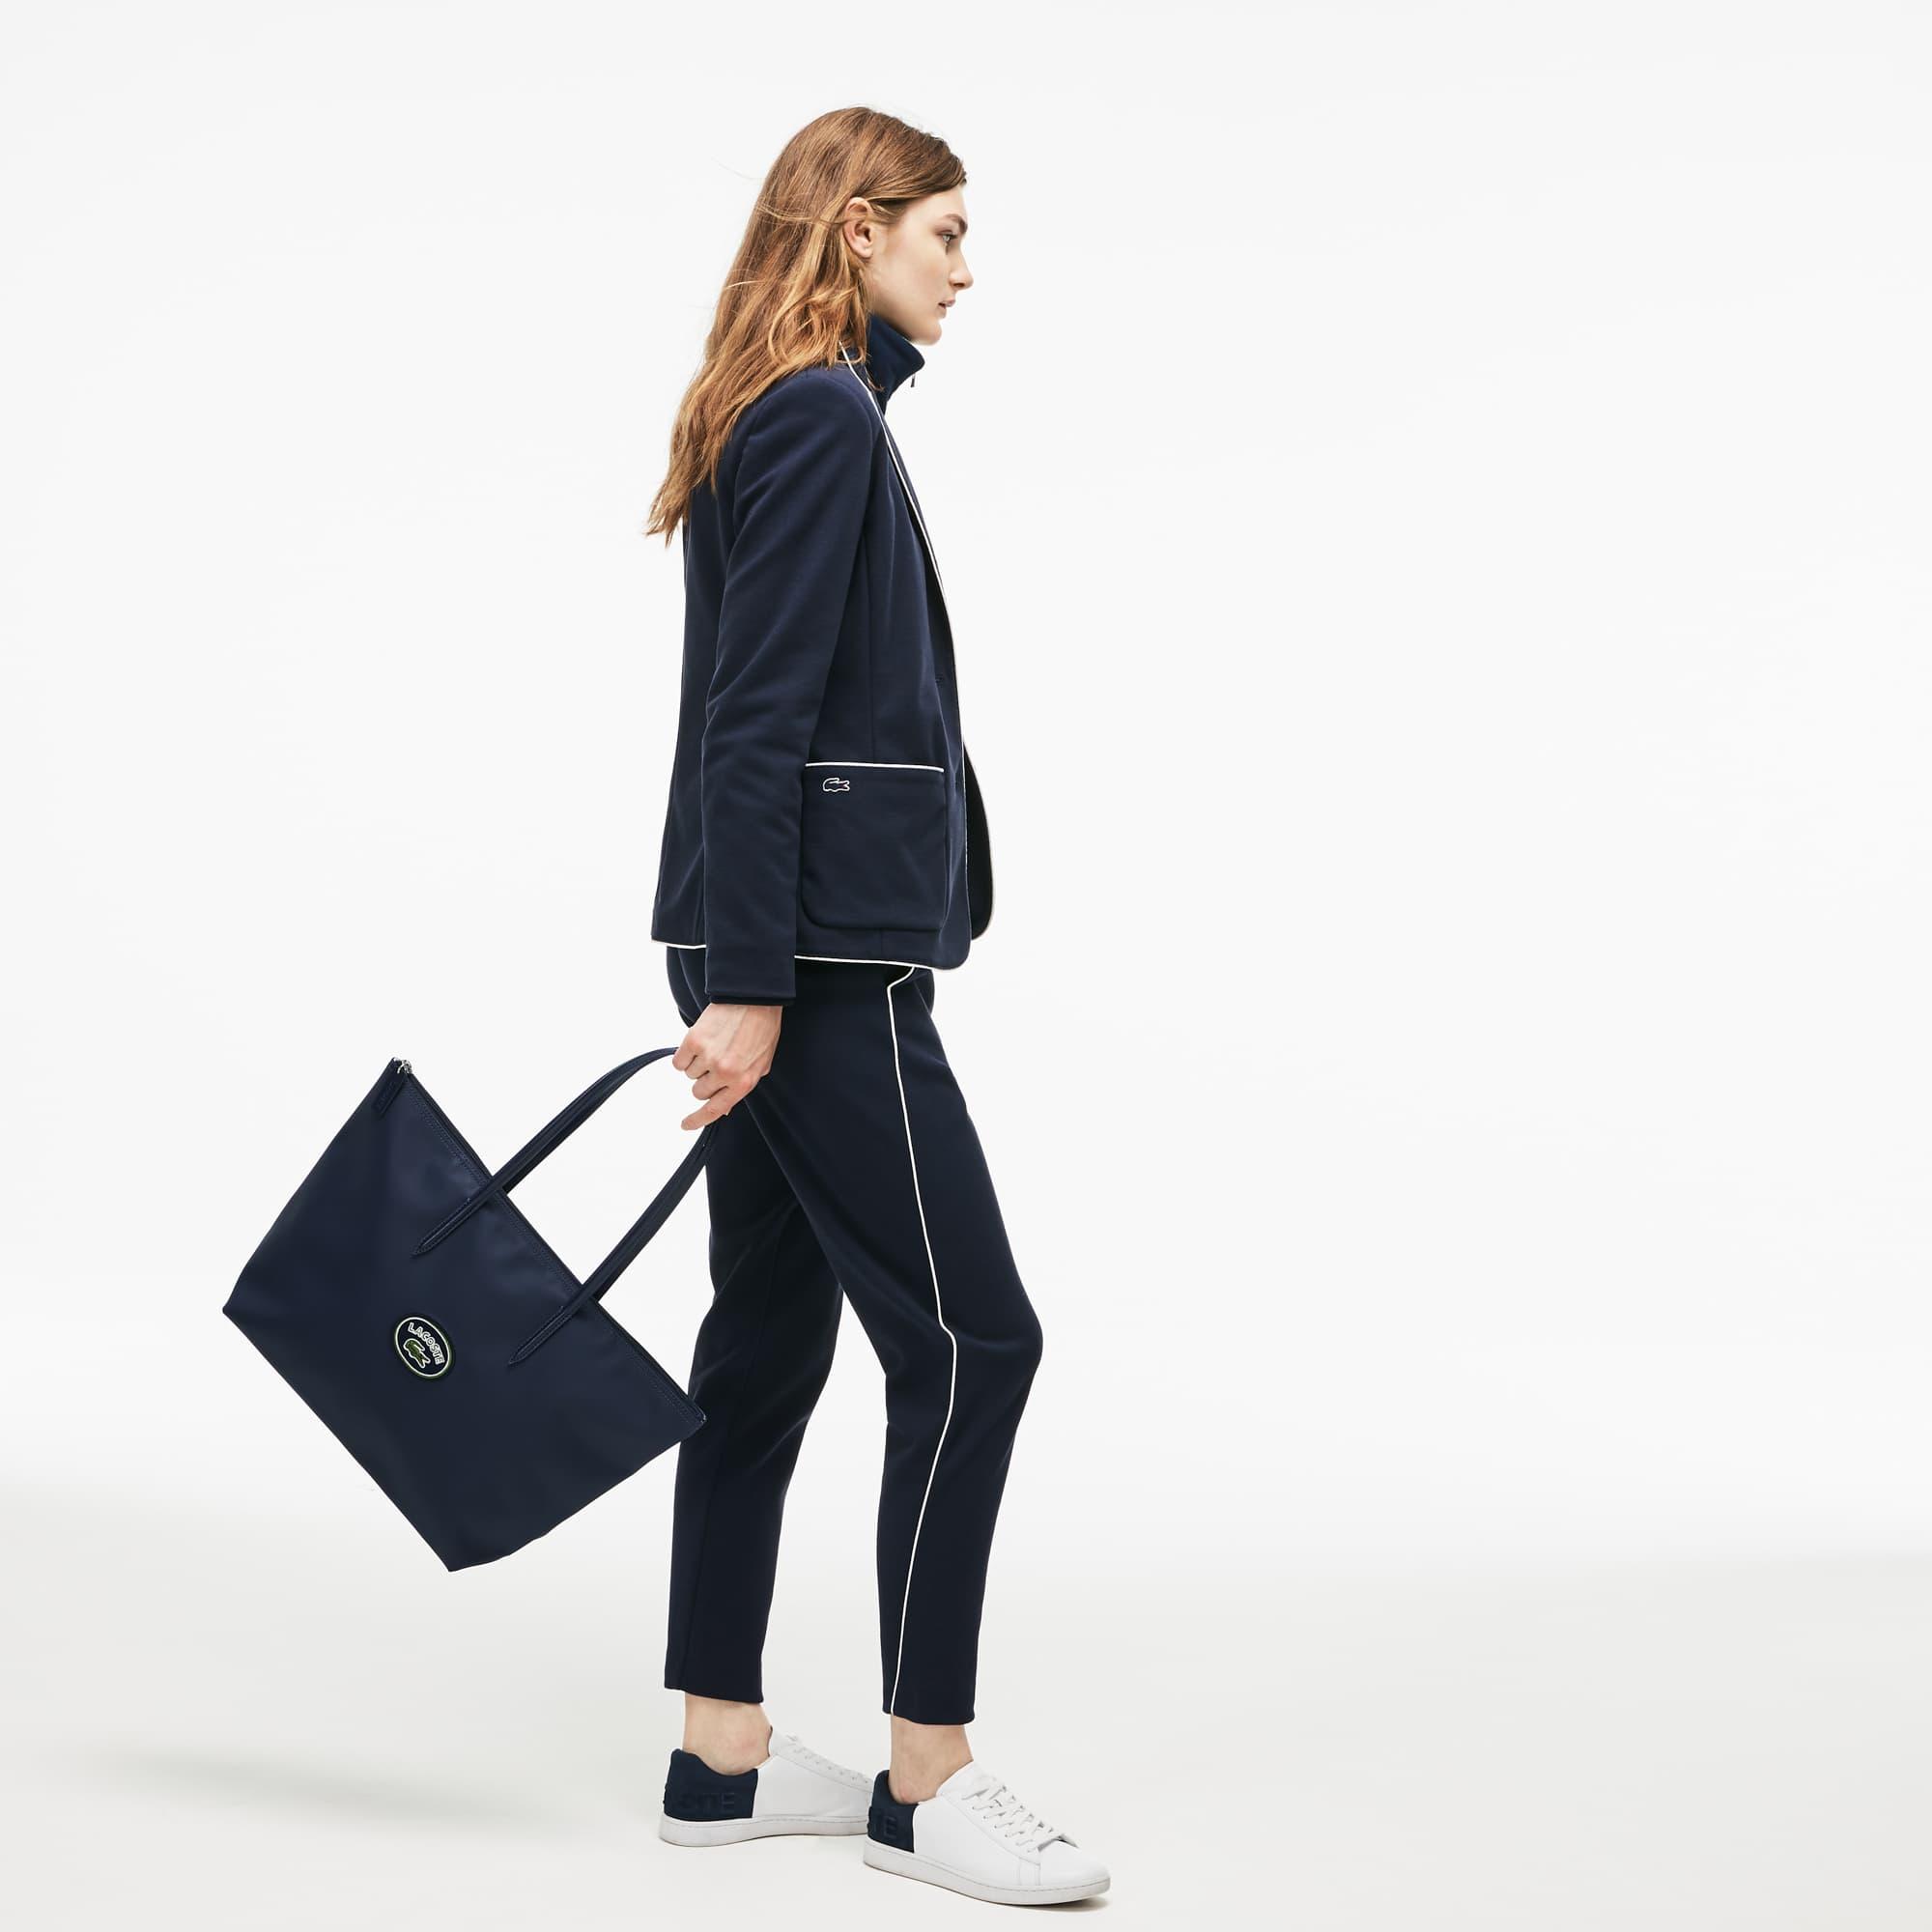 Grand sac cabas zippé L.12.12 Concept avec écusson Lacoste